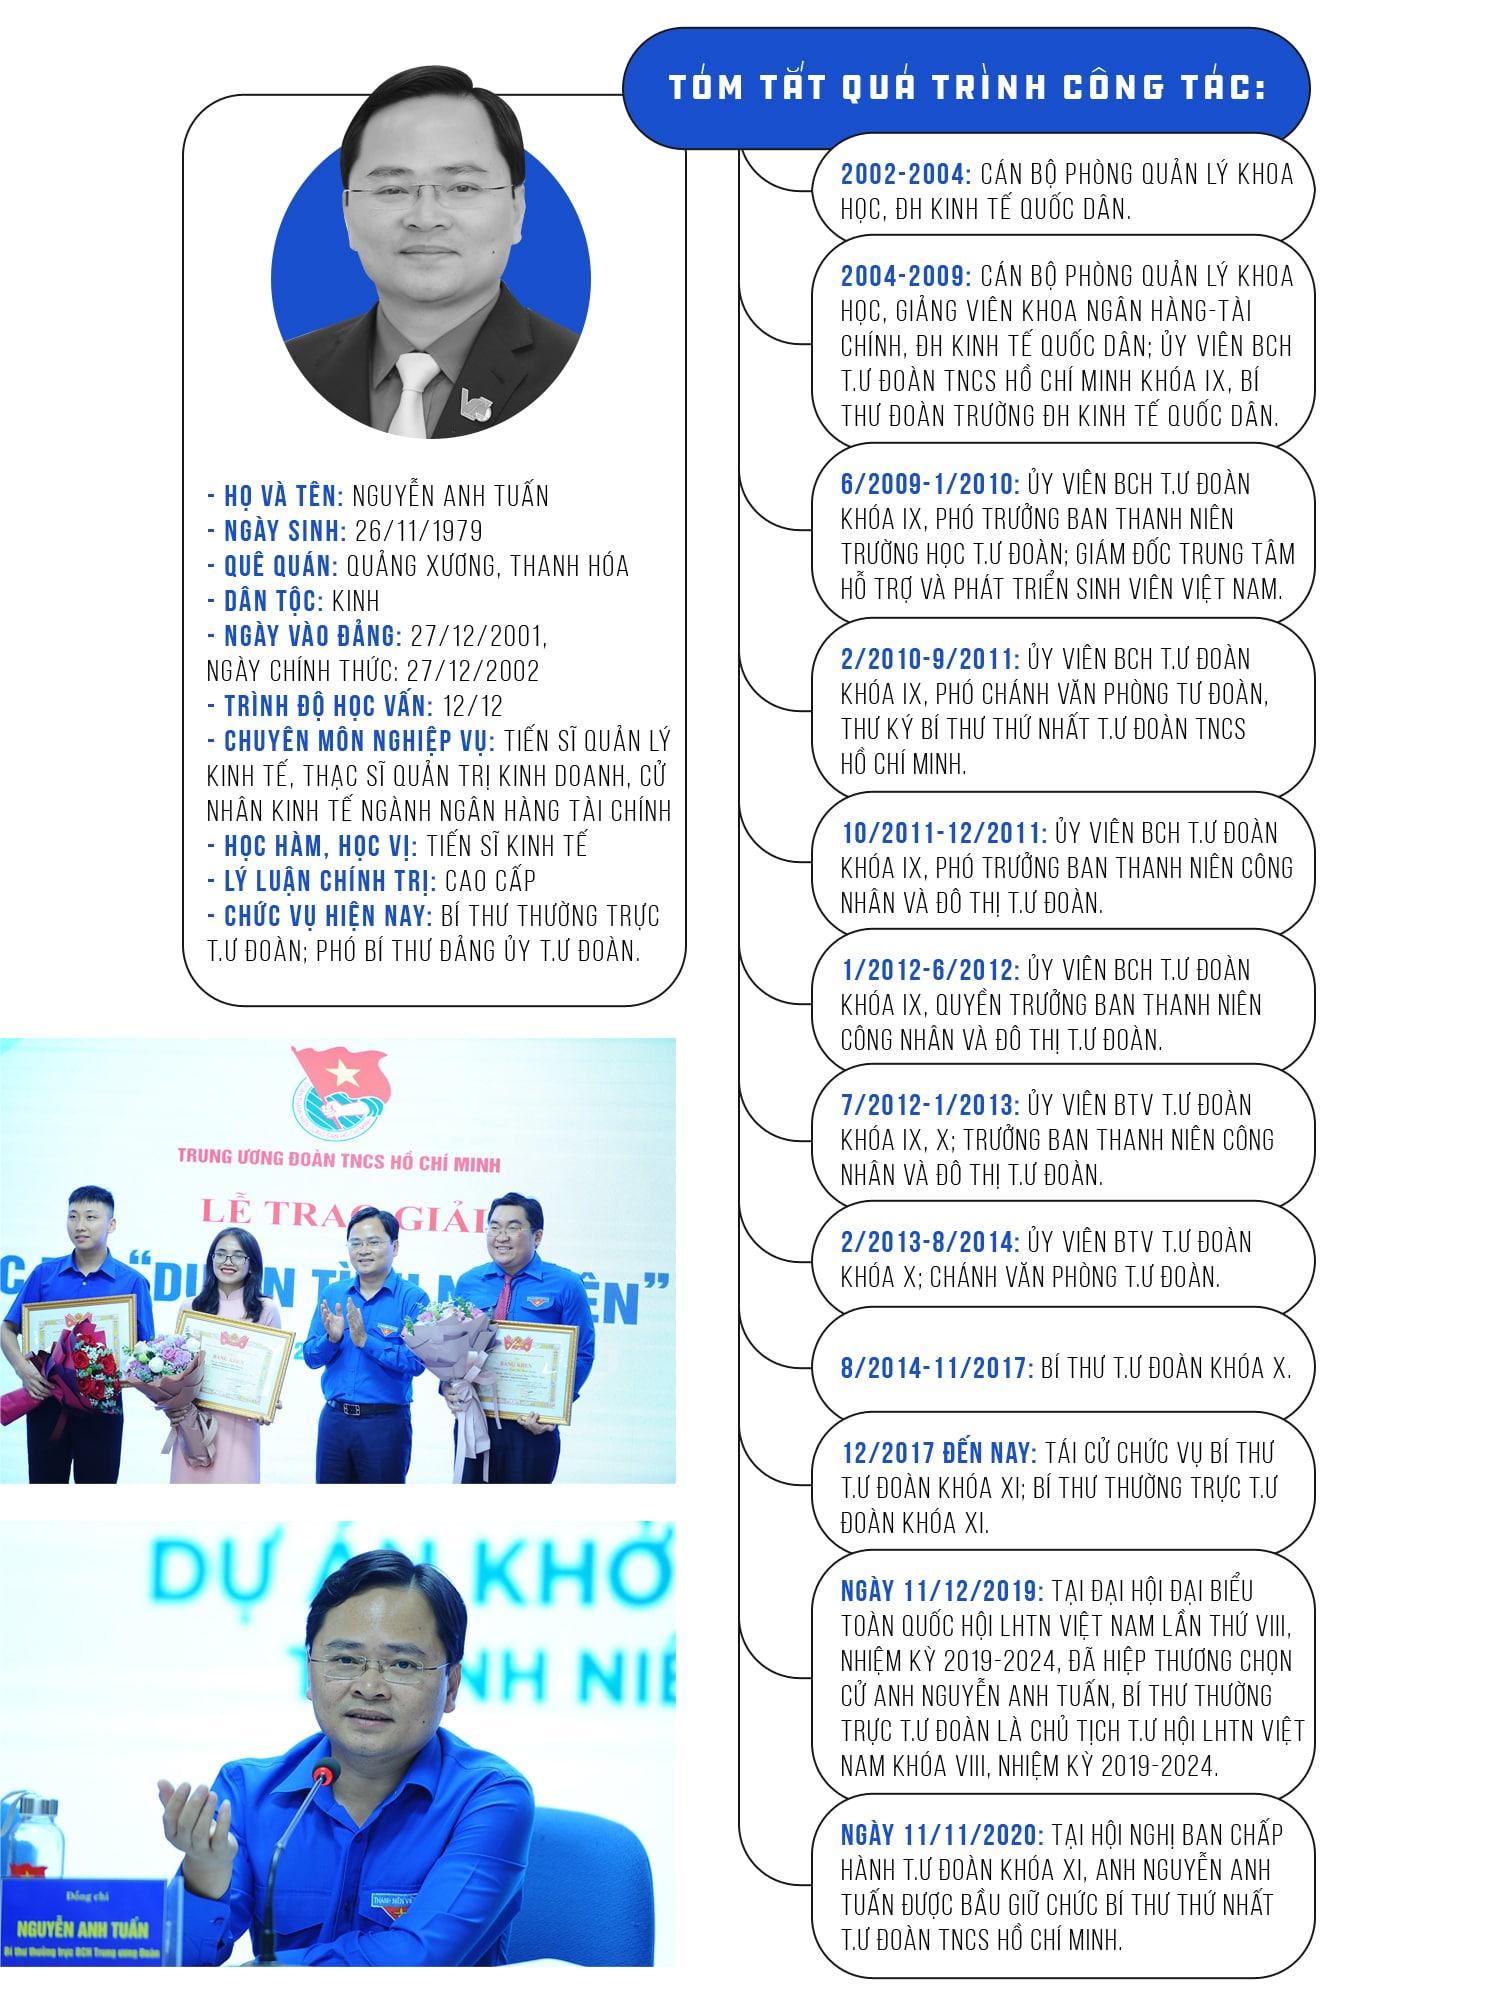 Anh Nguyễn Anh Tuấn được bầu giữ chức Bí thư thứ nhất T.Ư Đoàn TNCS Hồ Chí Minh  - ảnh 2